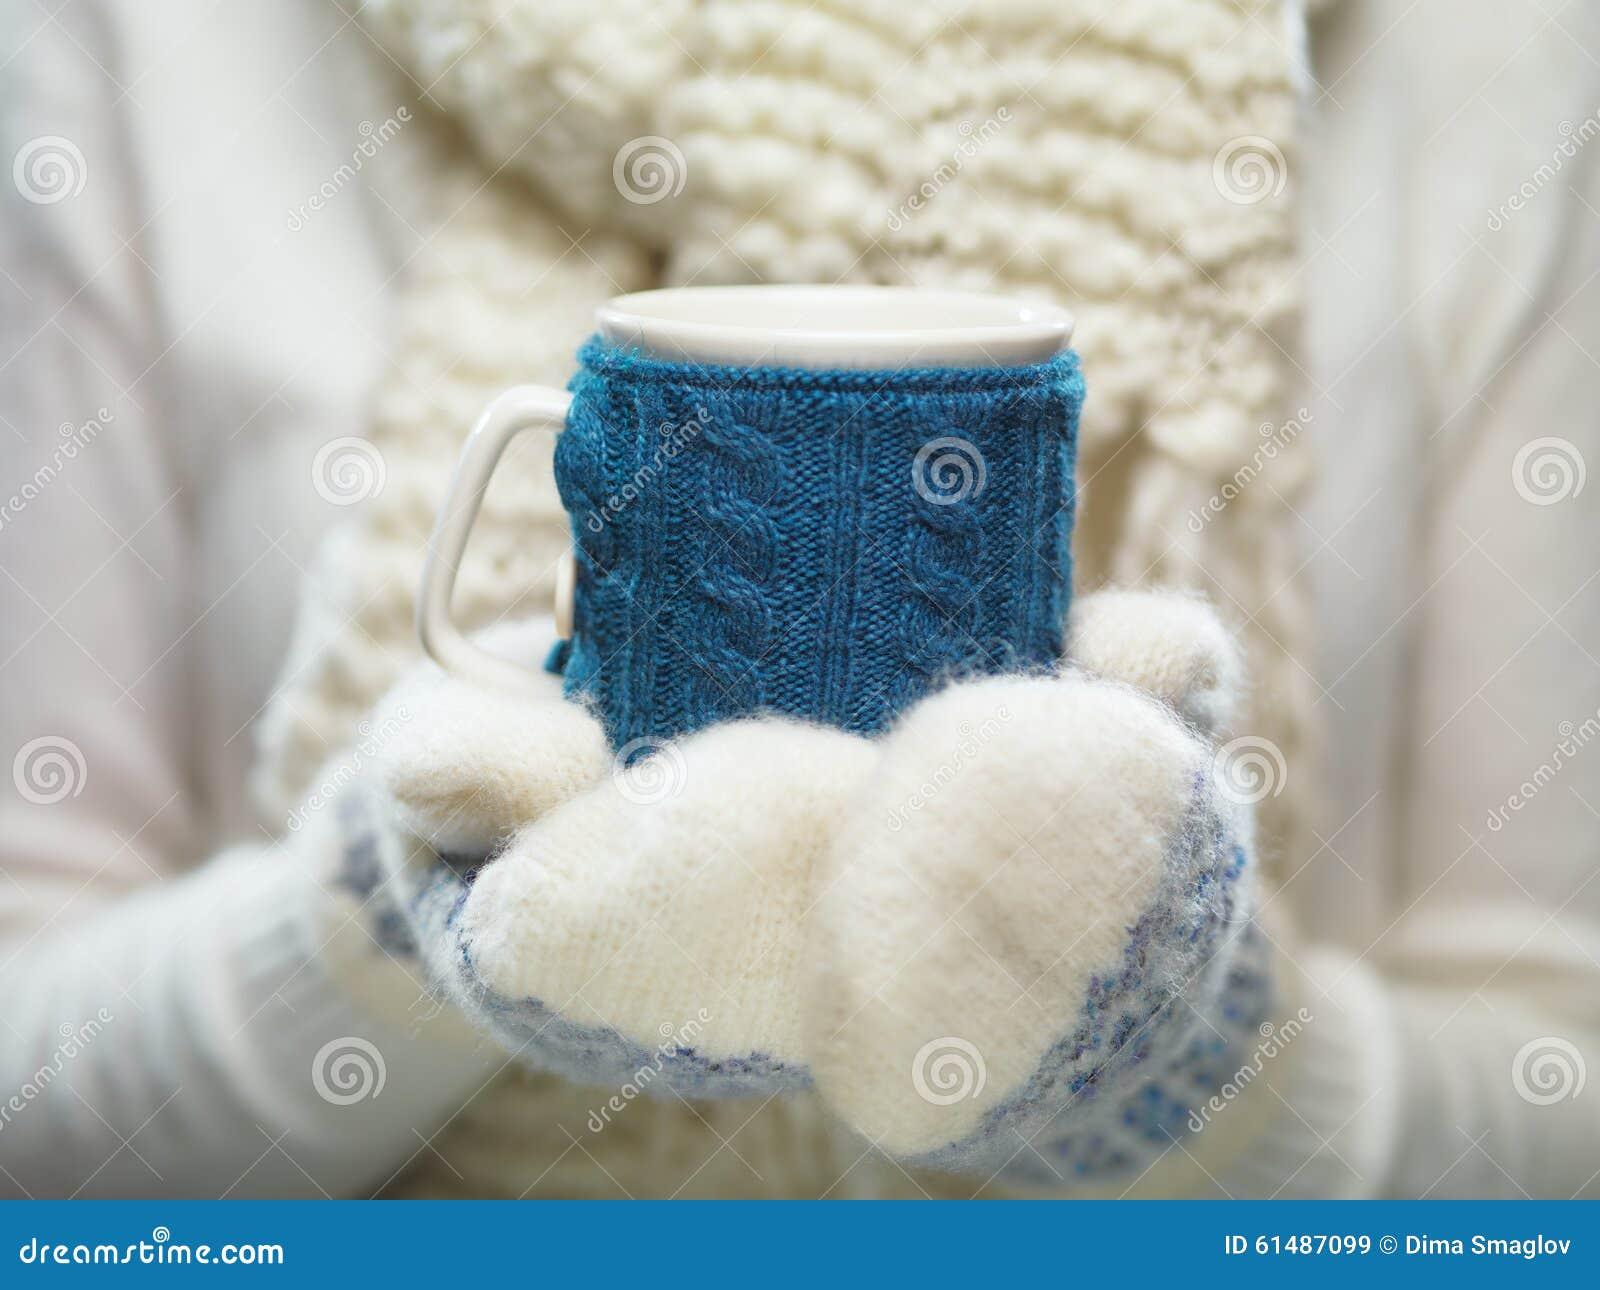 Mains de femme dans des mitaines blanches et bleues tenant une tasse tricotée confortable avec du cacao, le thé ou le café chaud